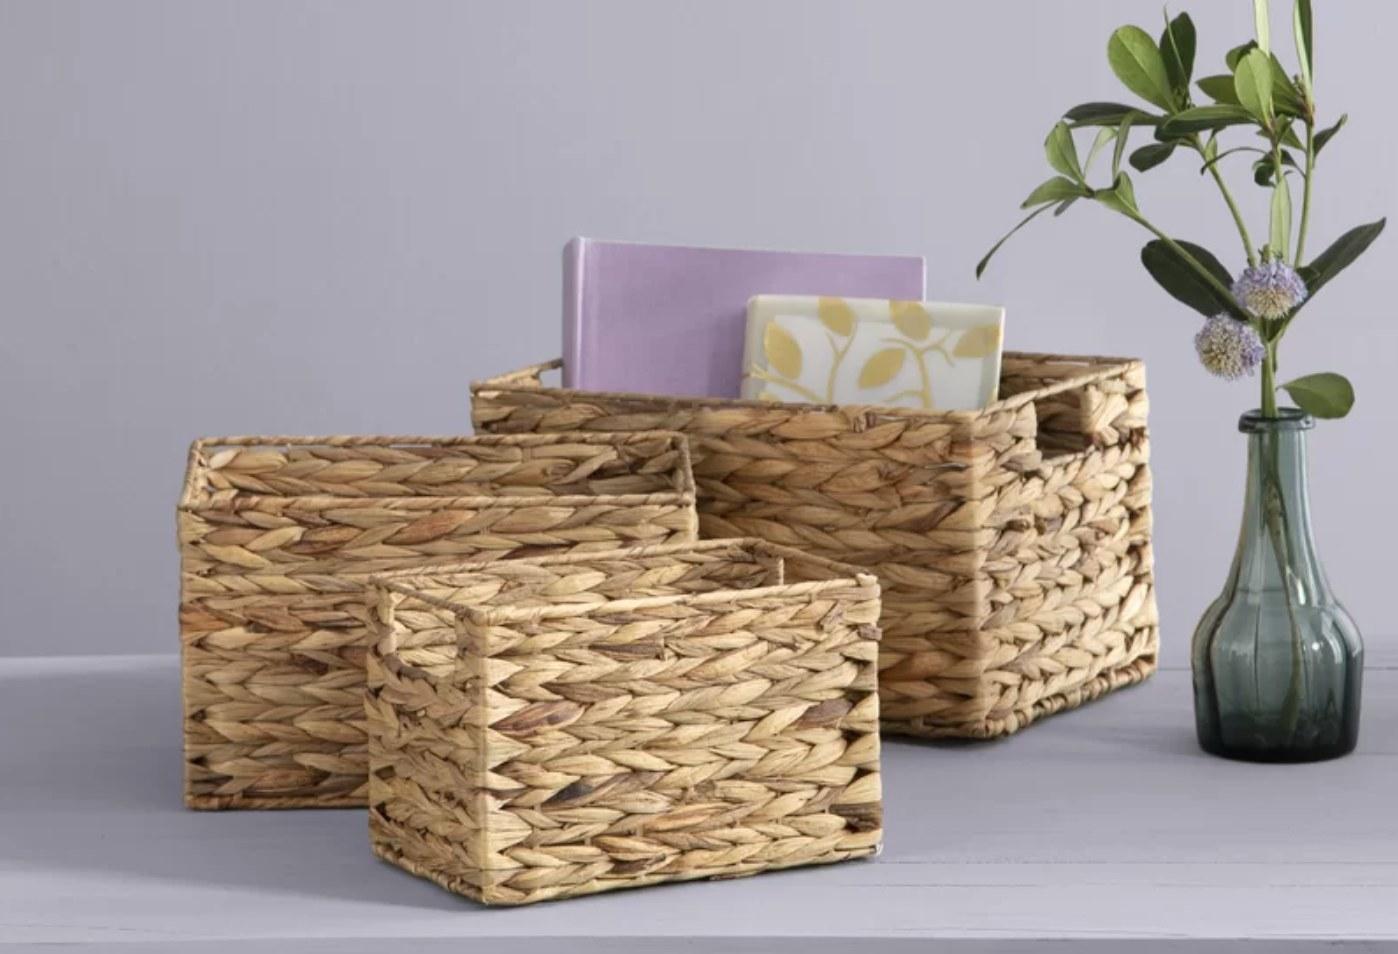 The three-piece wicker basket set in beige